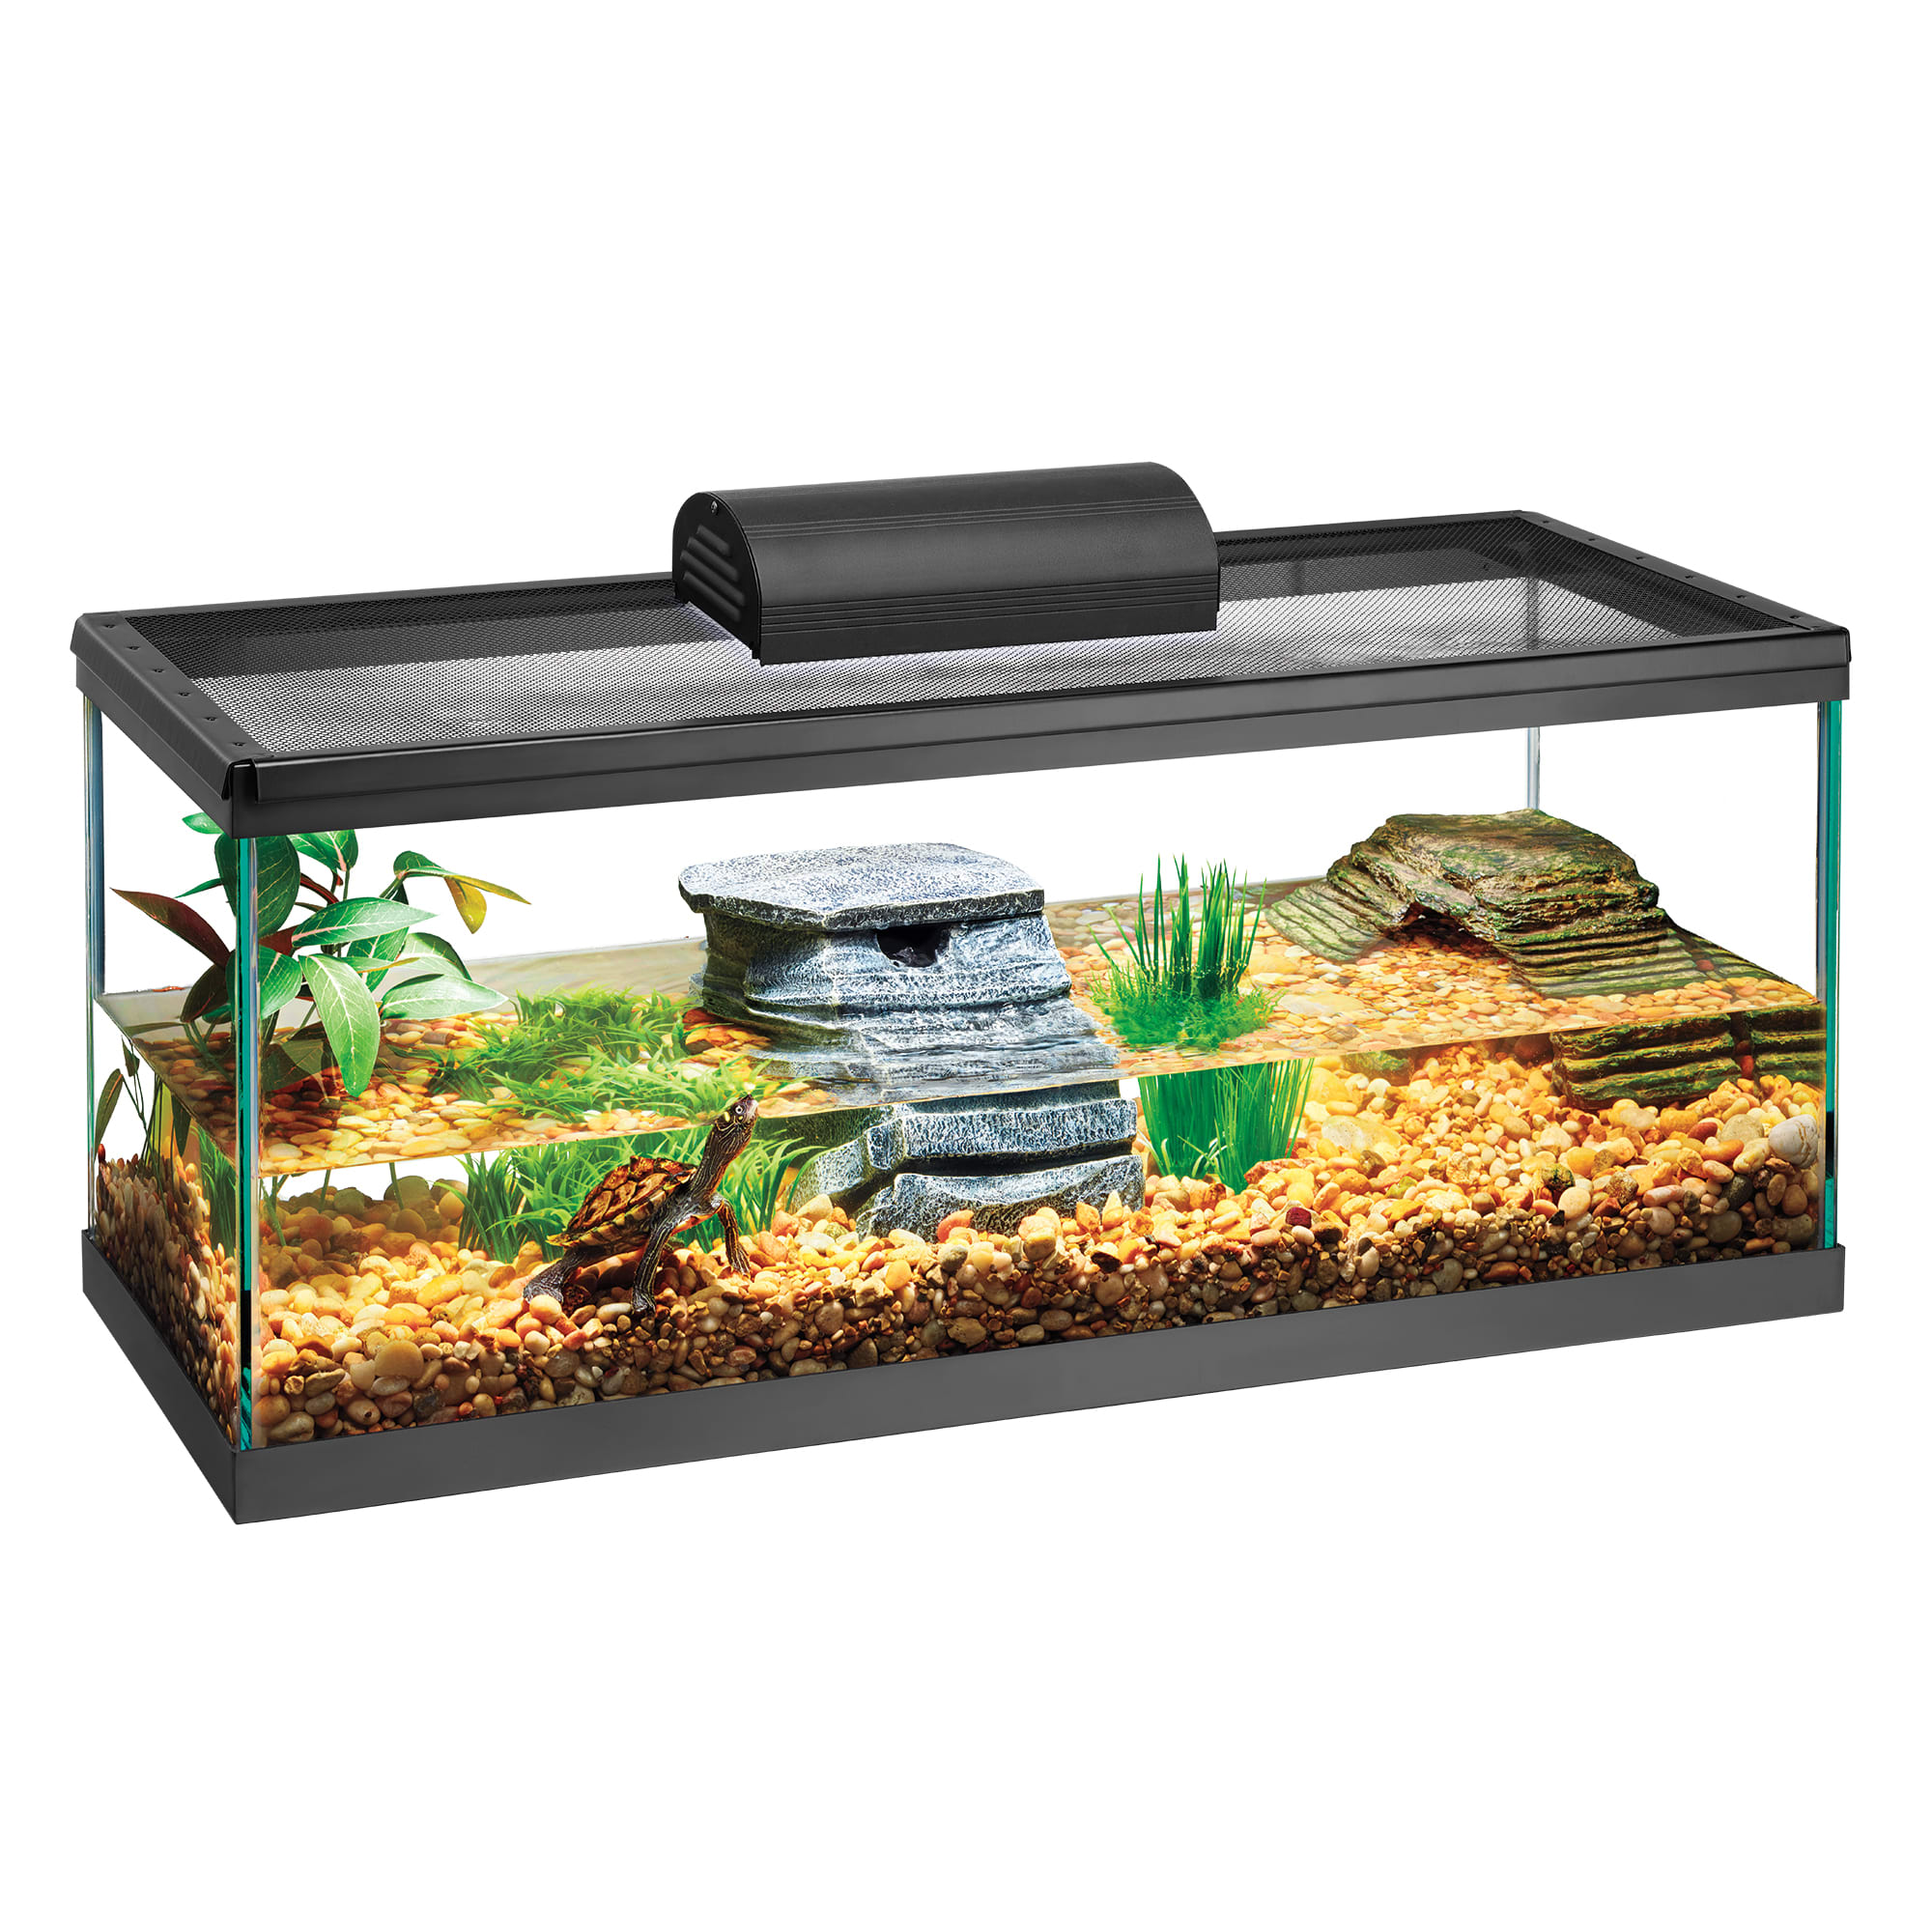 Zilla Aquatic Turtle Aquarium Kit 20 Long Petco